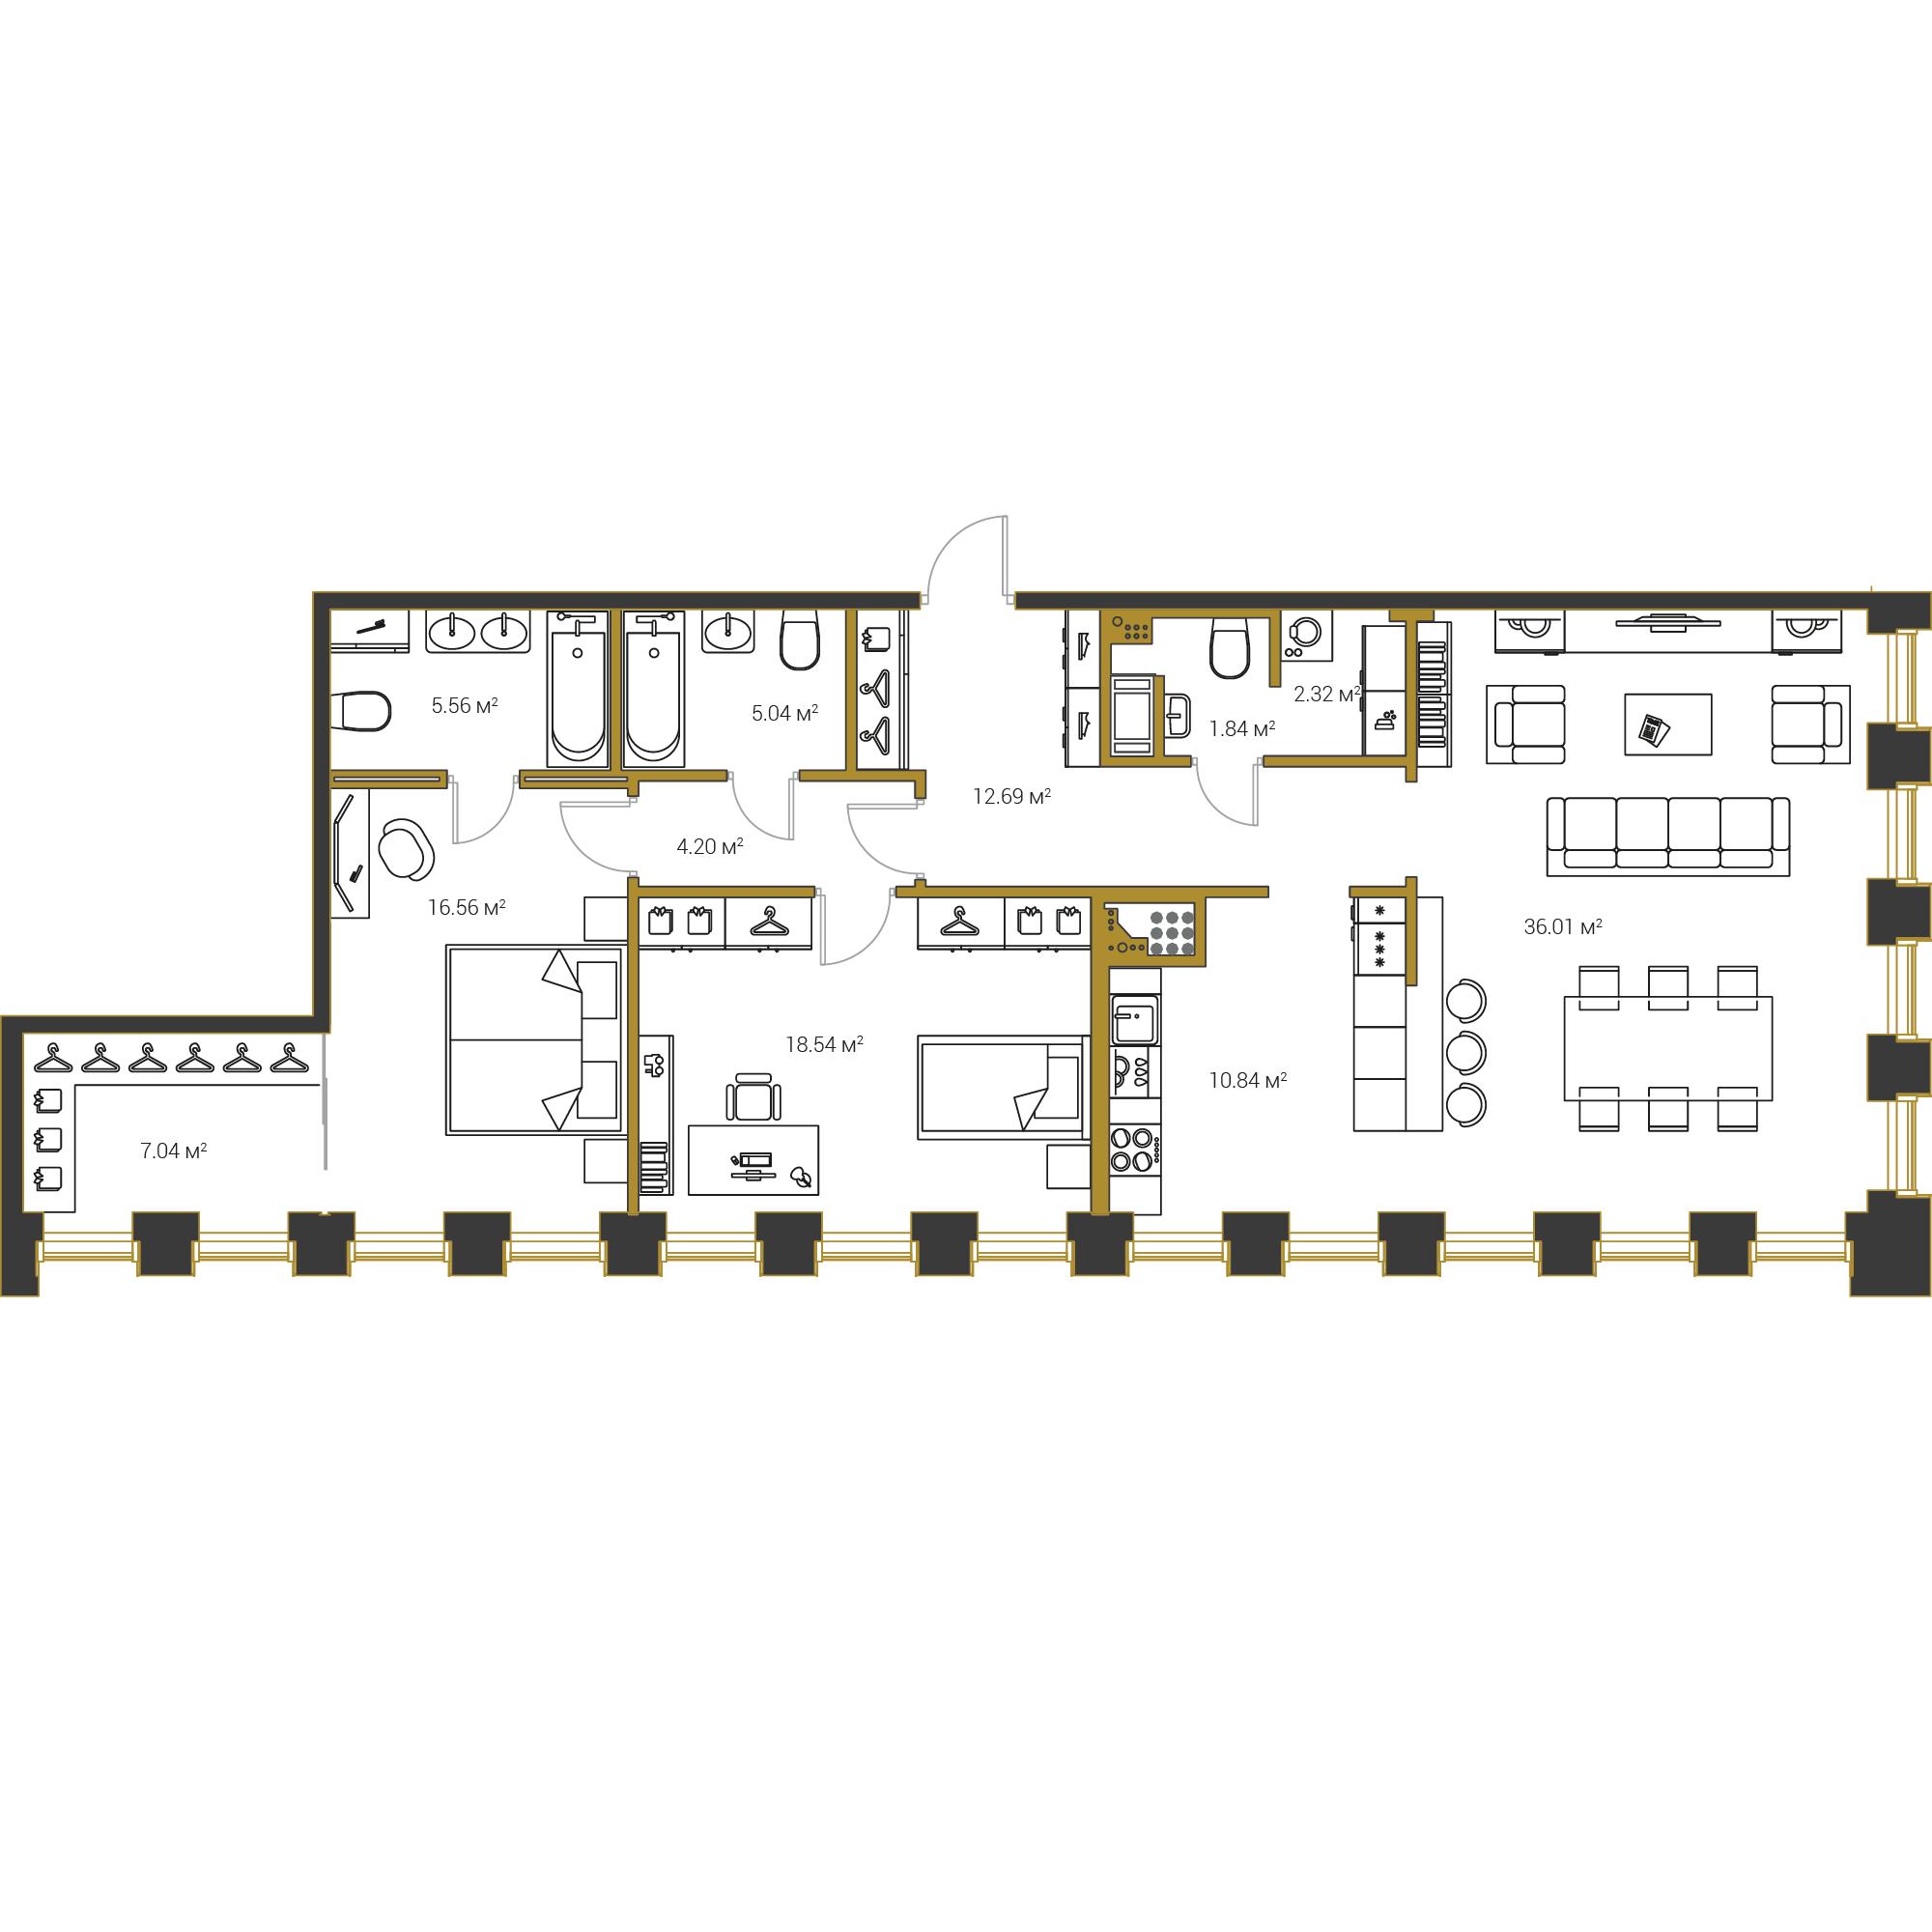 2-комнатная квартира №16 в: Институтский,16: 120.64 м²; этаж: 15 - купить в Санкт-Петербурге